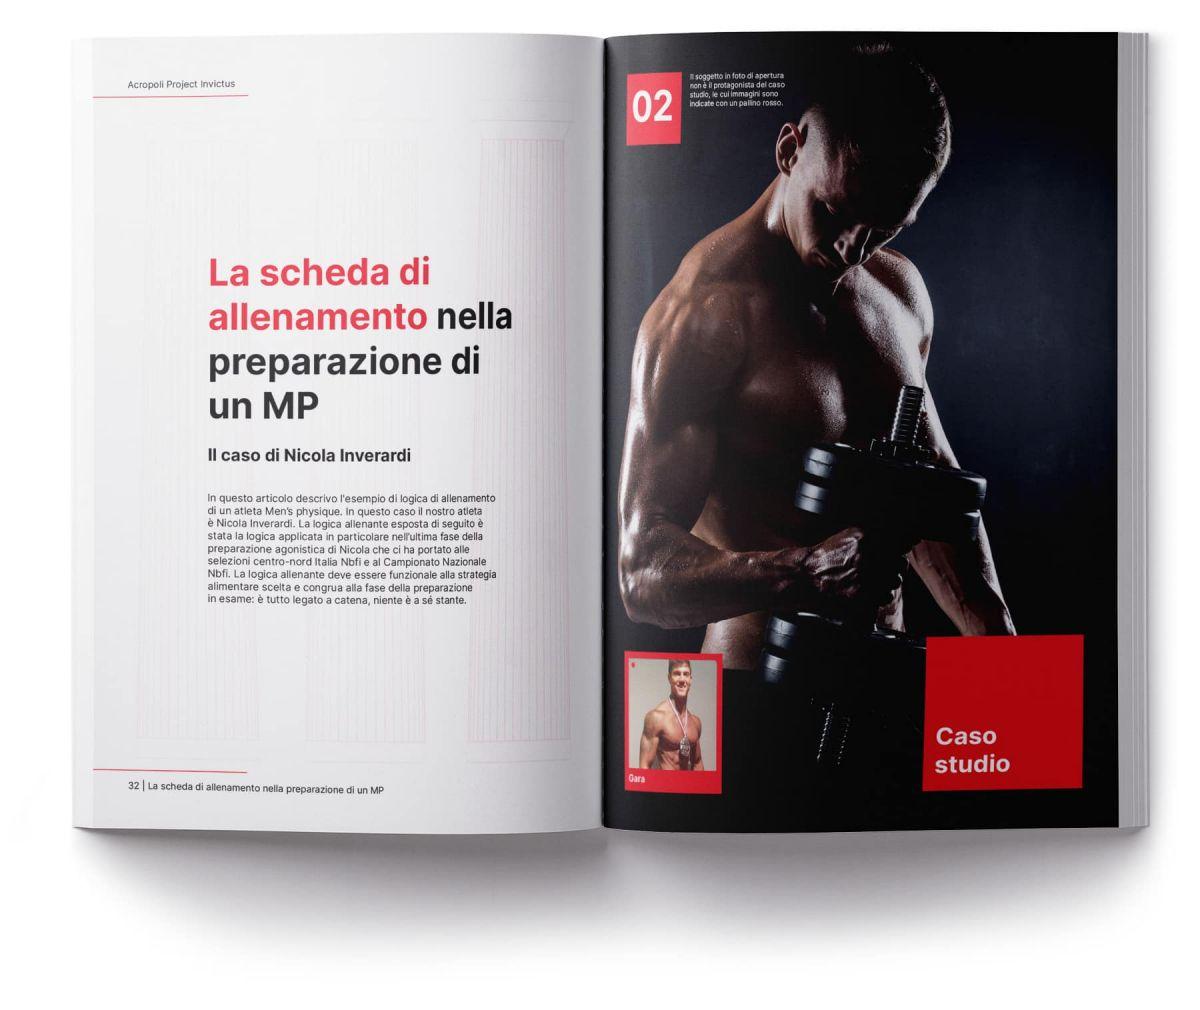 Acropoli bodybuilding